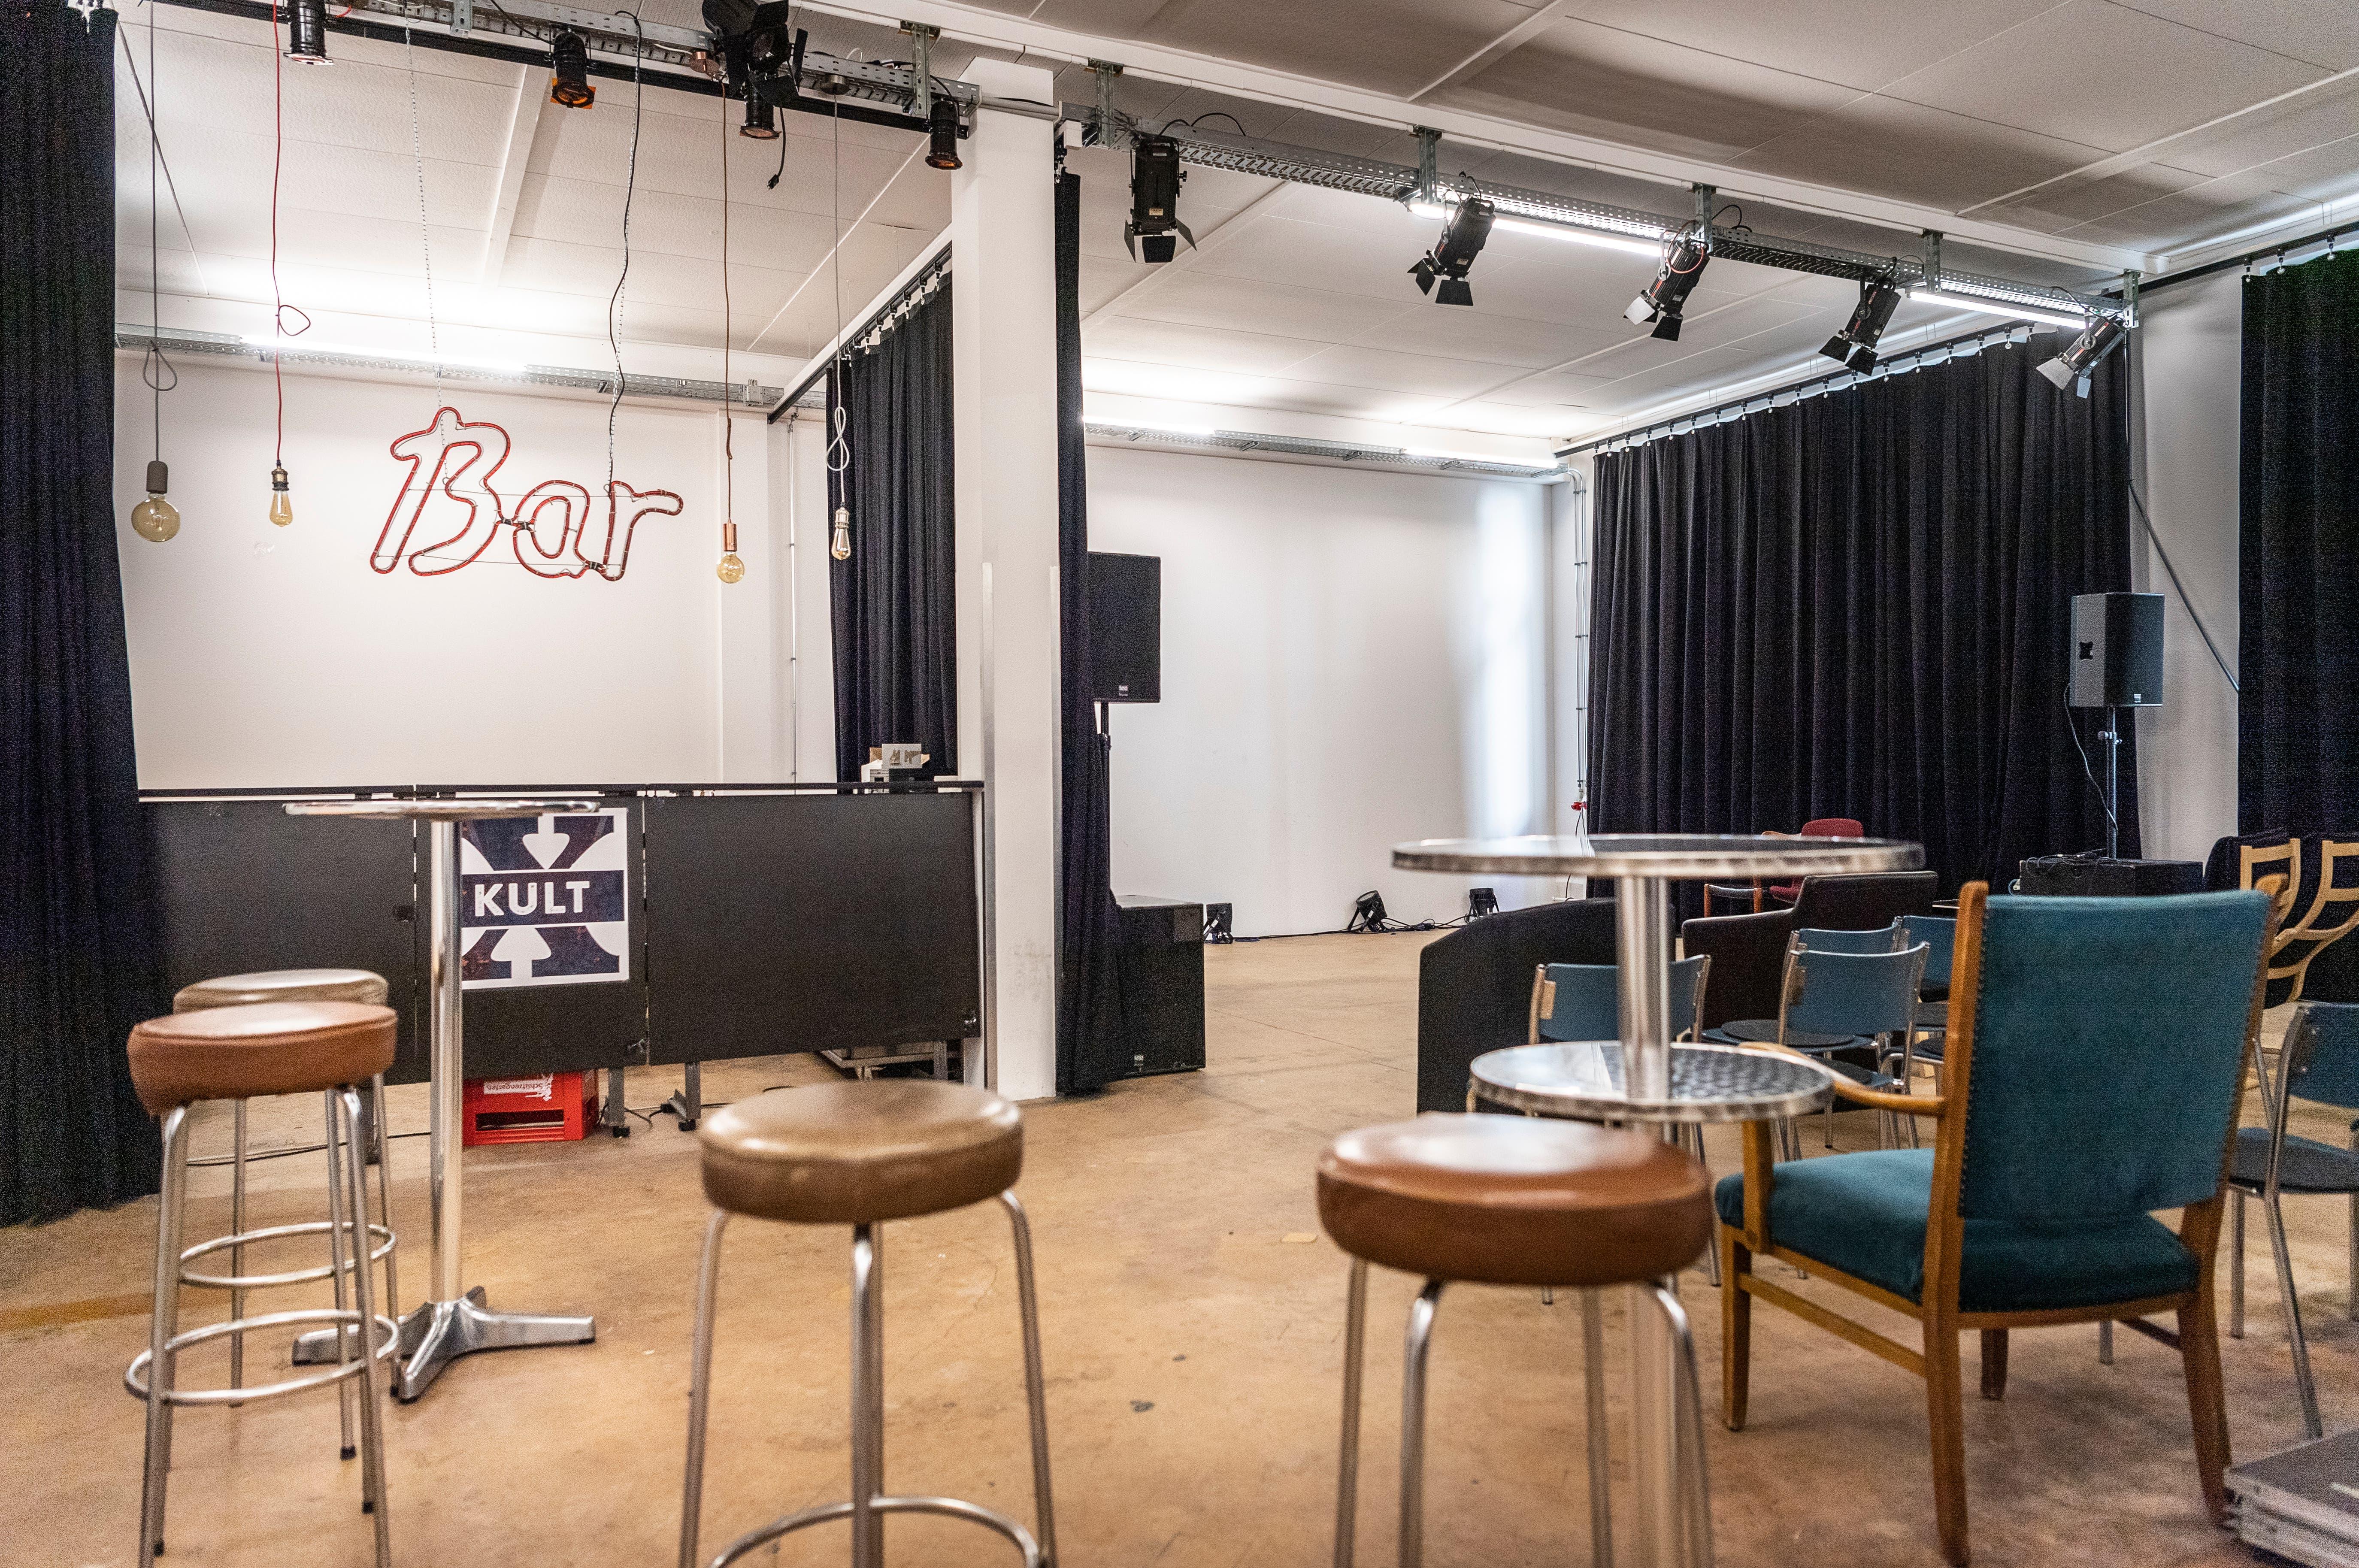 Im Multifunktionssaal stehen momentan eine Bar und eine Tribüne. Hier finden regelmässig auch Kinoabende statt. Er soll künftig auf die unterschiedlichsten Weisen genutzt werden.